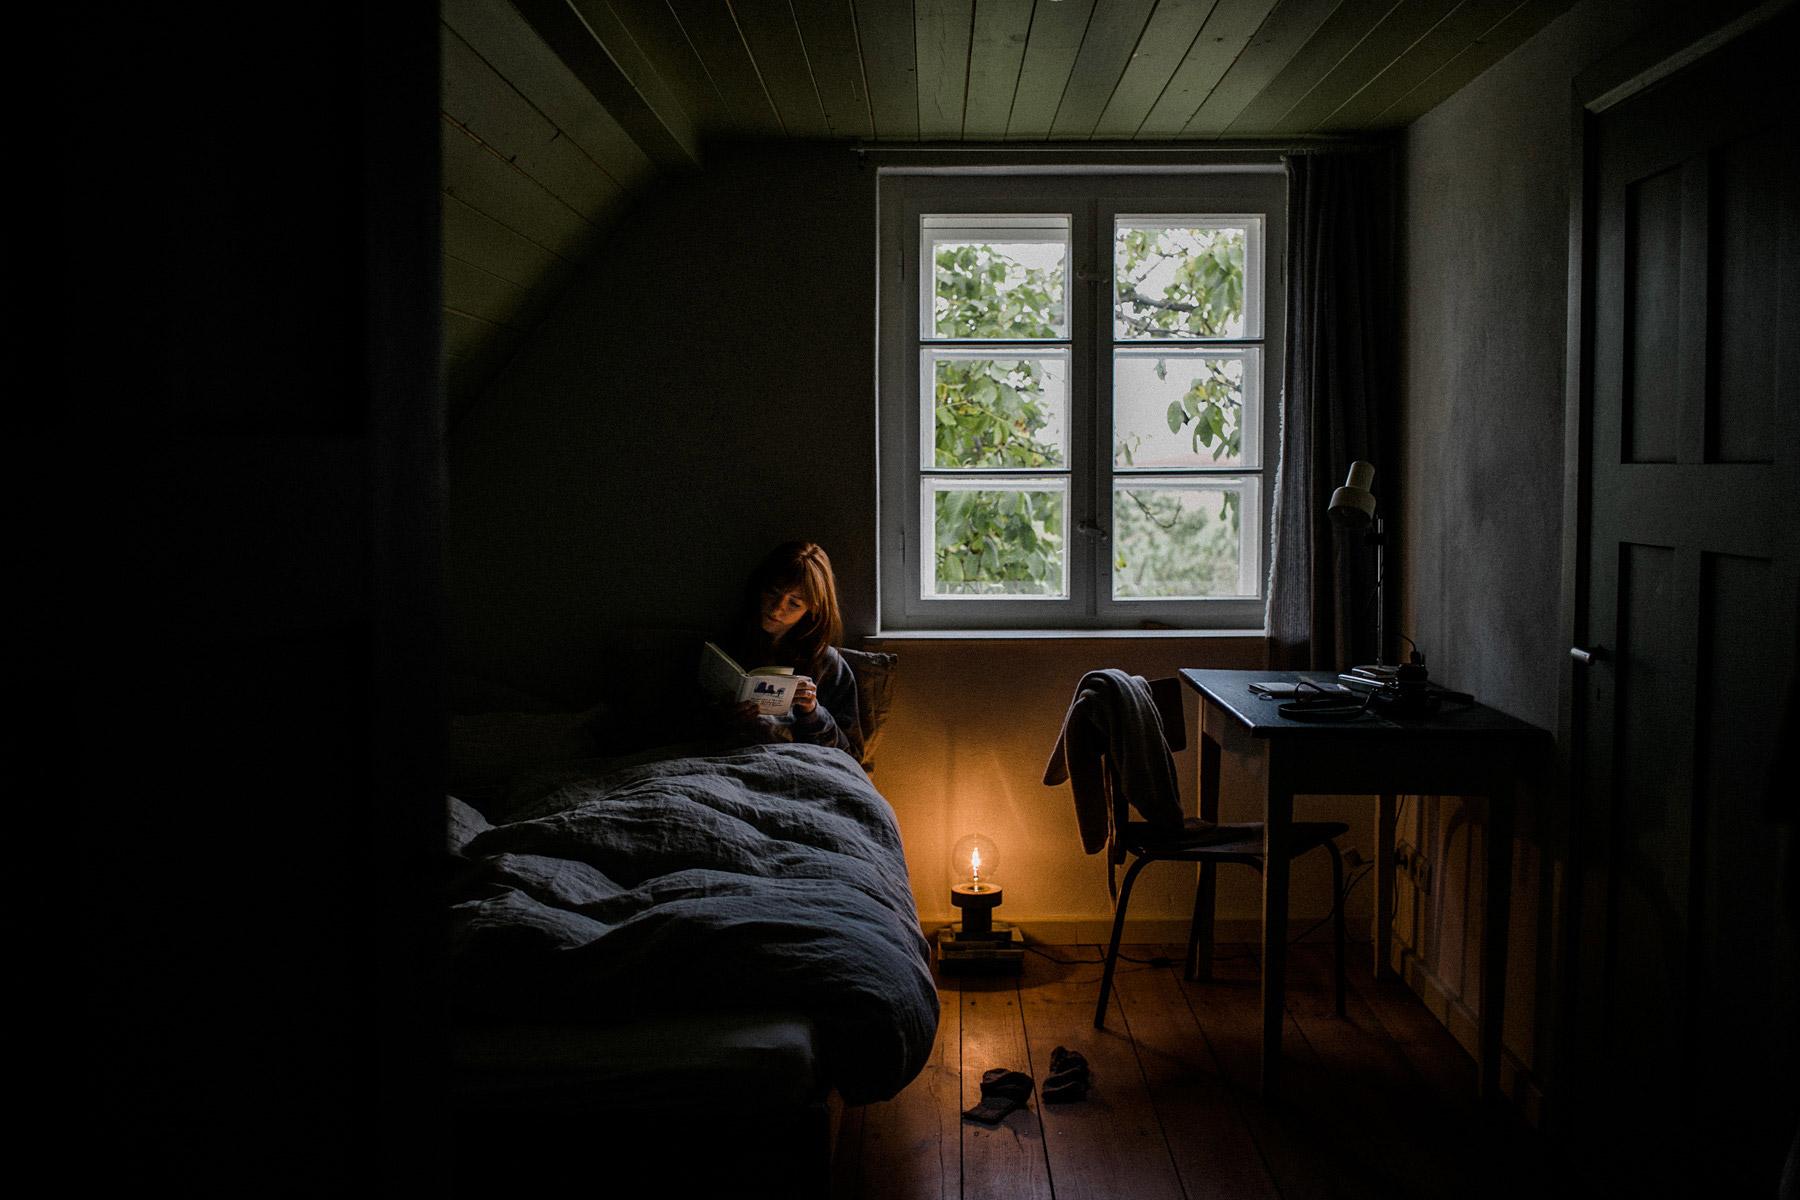 urbanara-lifestyle-fotografin-werbefotografie-berlin-1